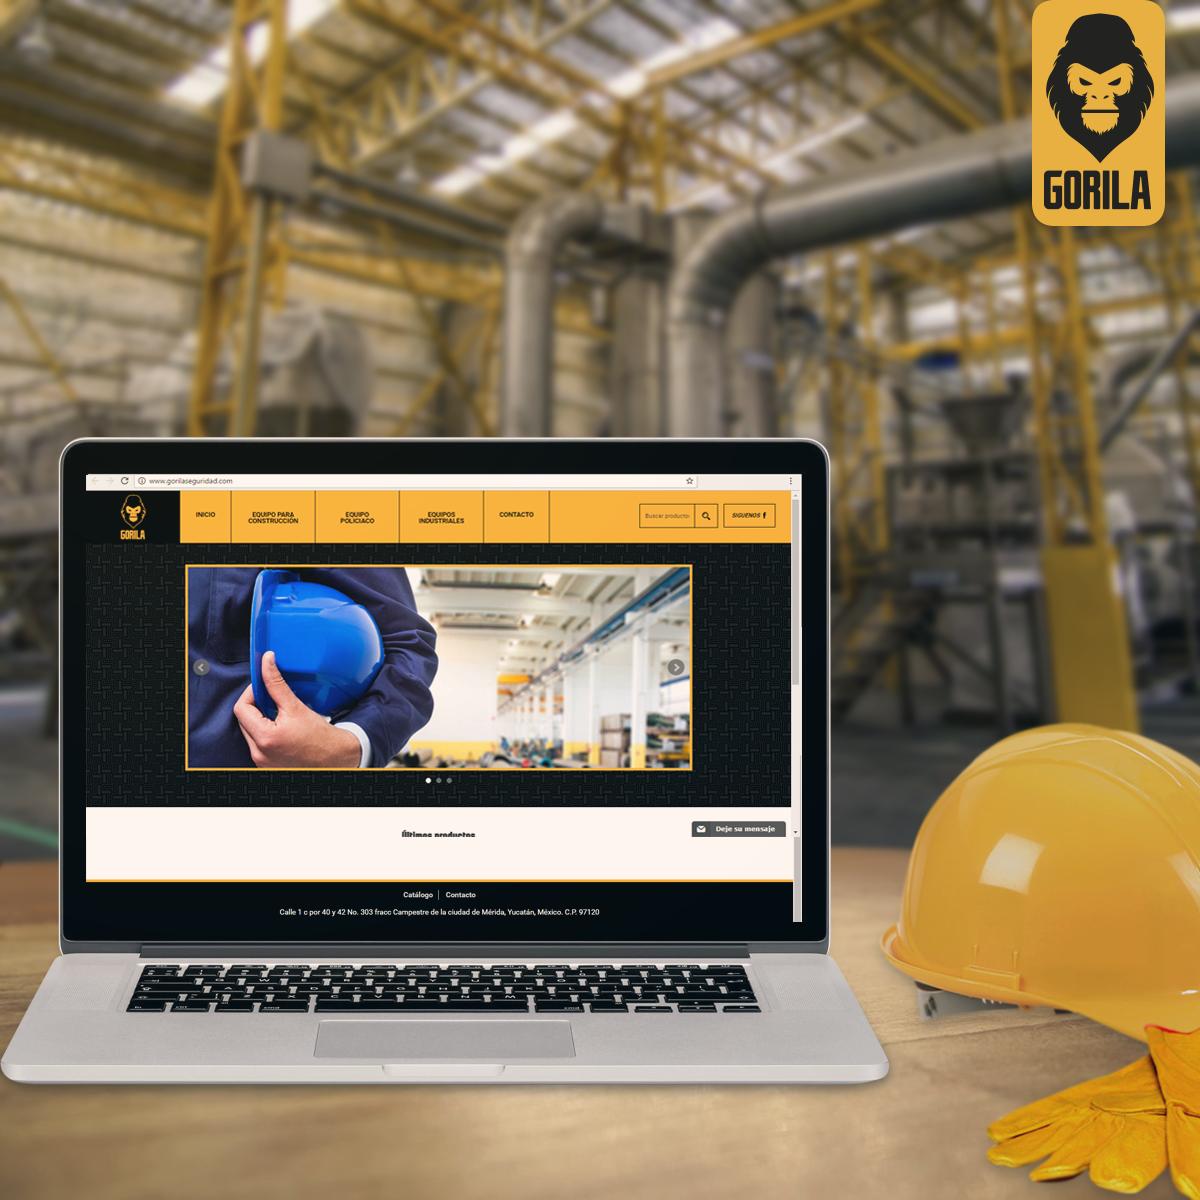 Gorila Seguridad te ofrece todo lo que necesitas en equipo de seguridad industrial, construcción y policíaco. ¡Visita nuestro sitio! http://www.gorilaseguridad.com/ ¡Protección para tus trabajadores!